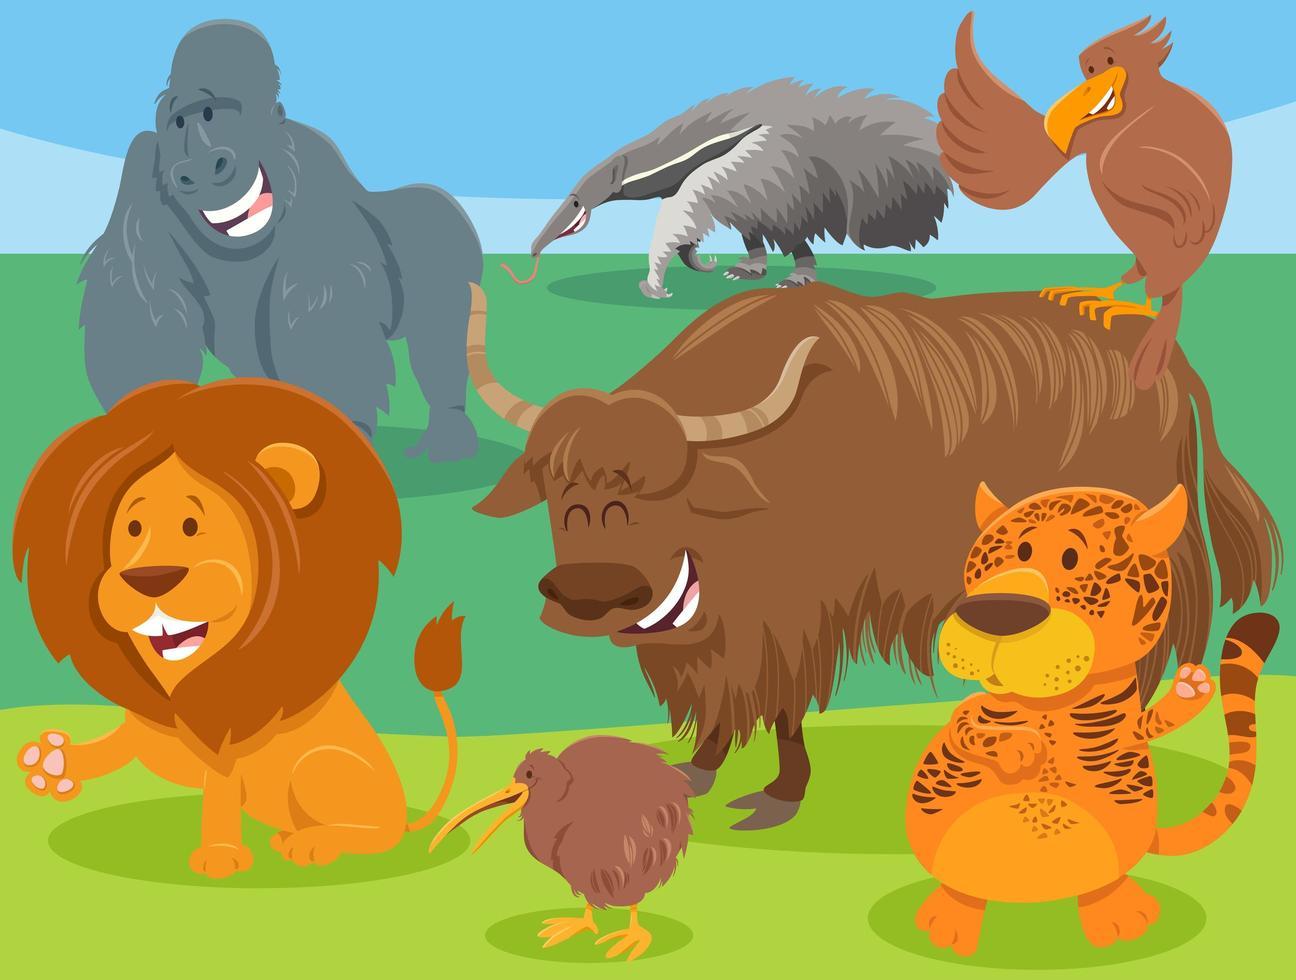 gruppo di personaggi di animali selvatici divertenti cartoni animati vettore